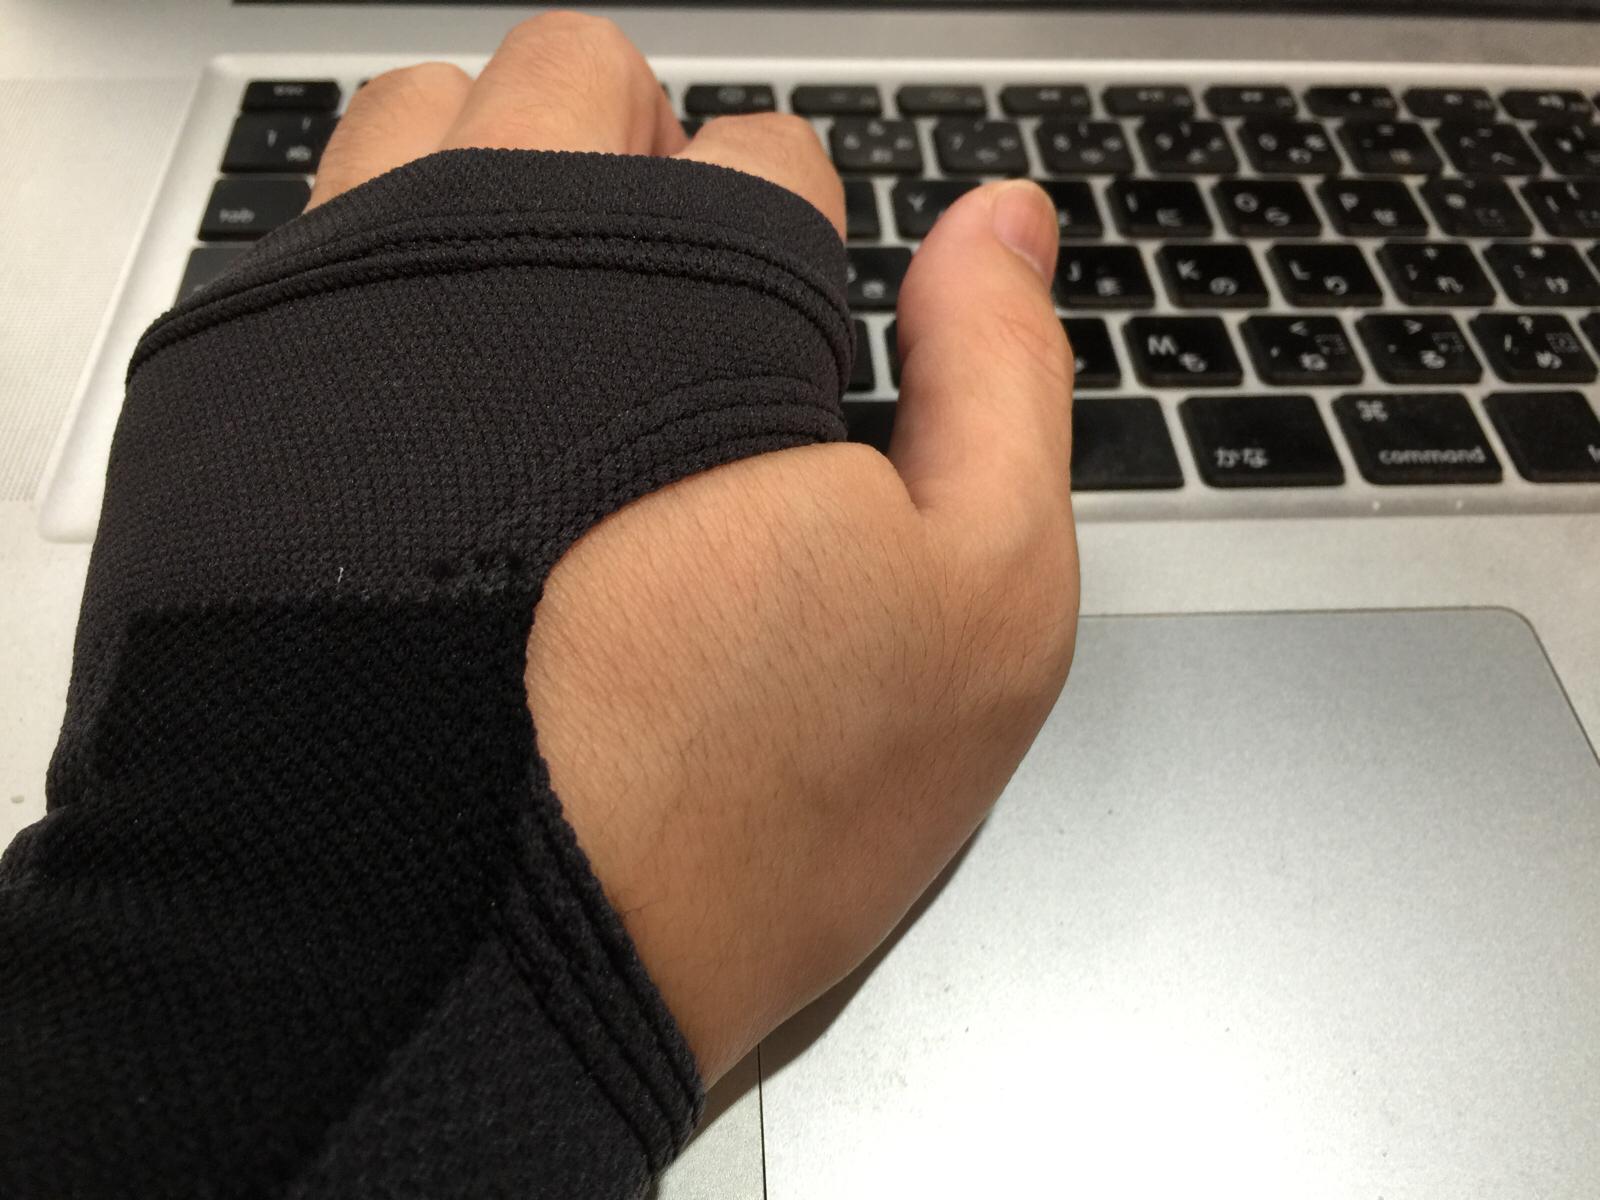 手首用サポーターをつけてパソコンの作業をしたら手首の疲労が軽減された